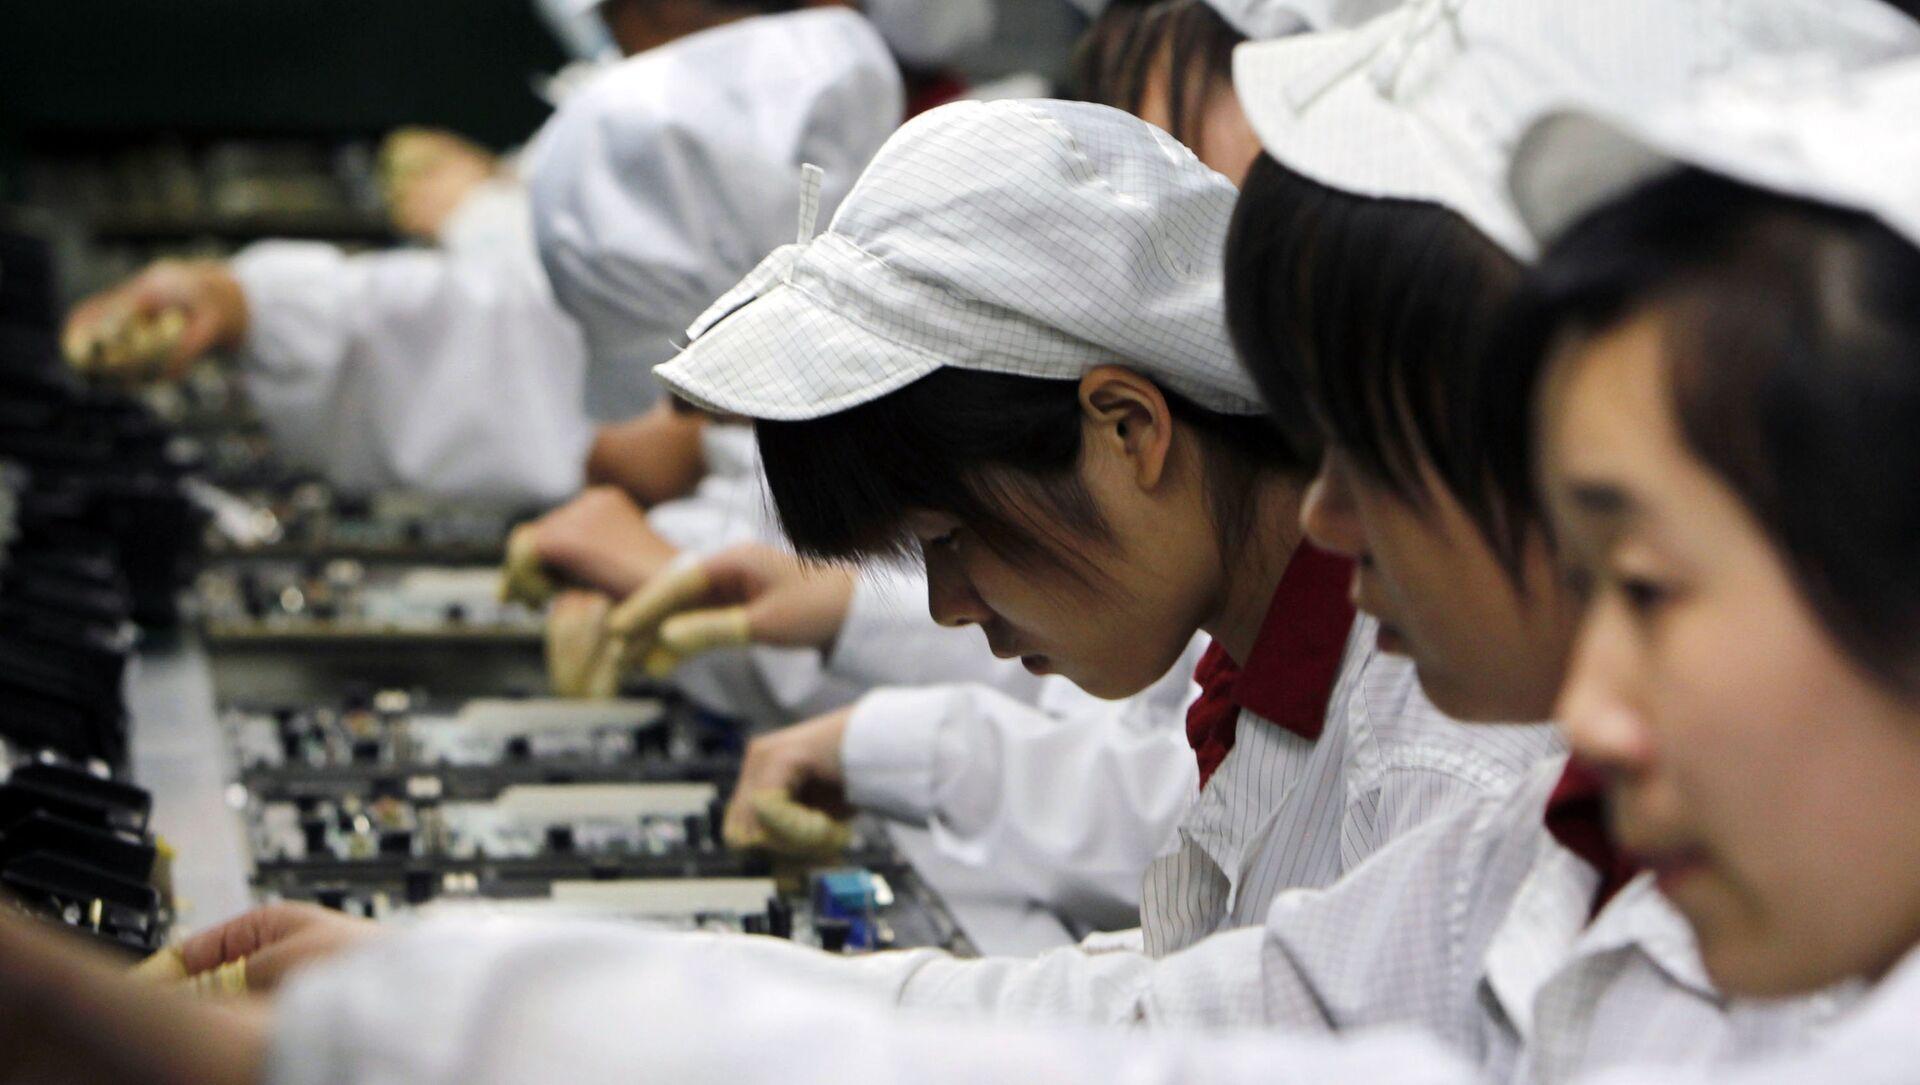 Trabajadores de una fábrica en China (imagen referencial) - Sputnik Mundo, 1920, 09.02.2021